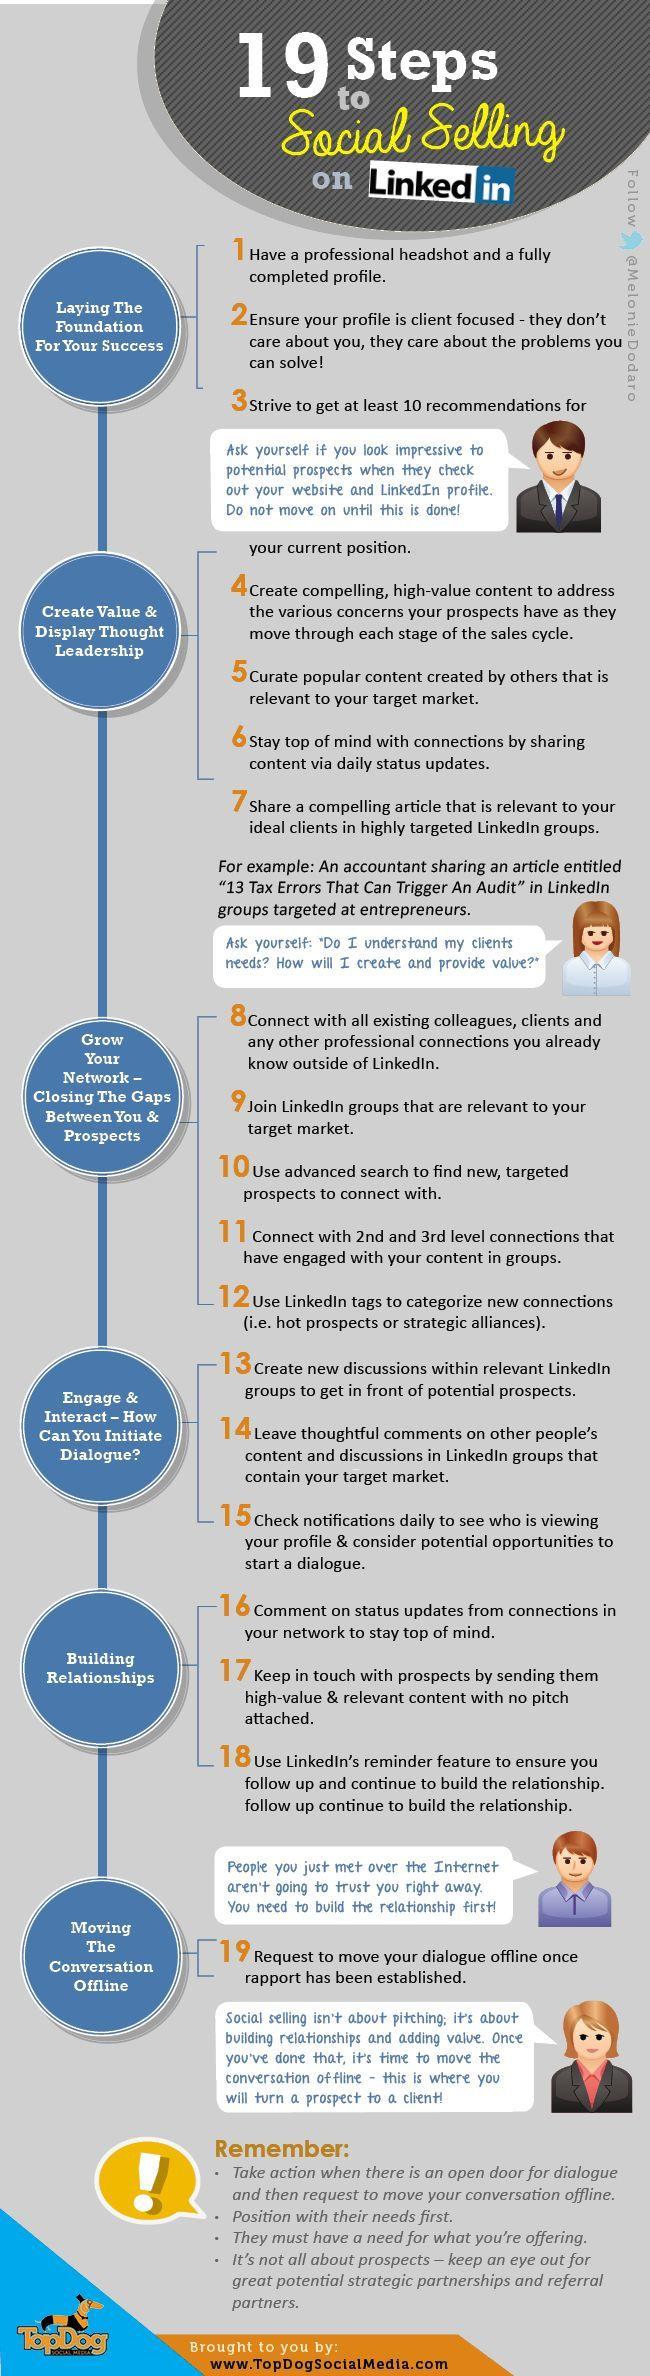 496 best Social Media Linkedin images on Pinterest | Social media ...